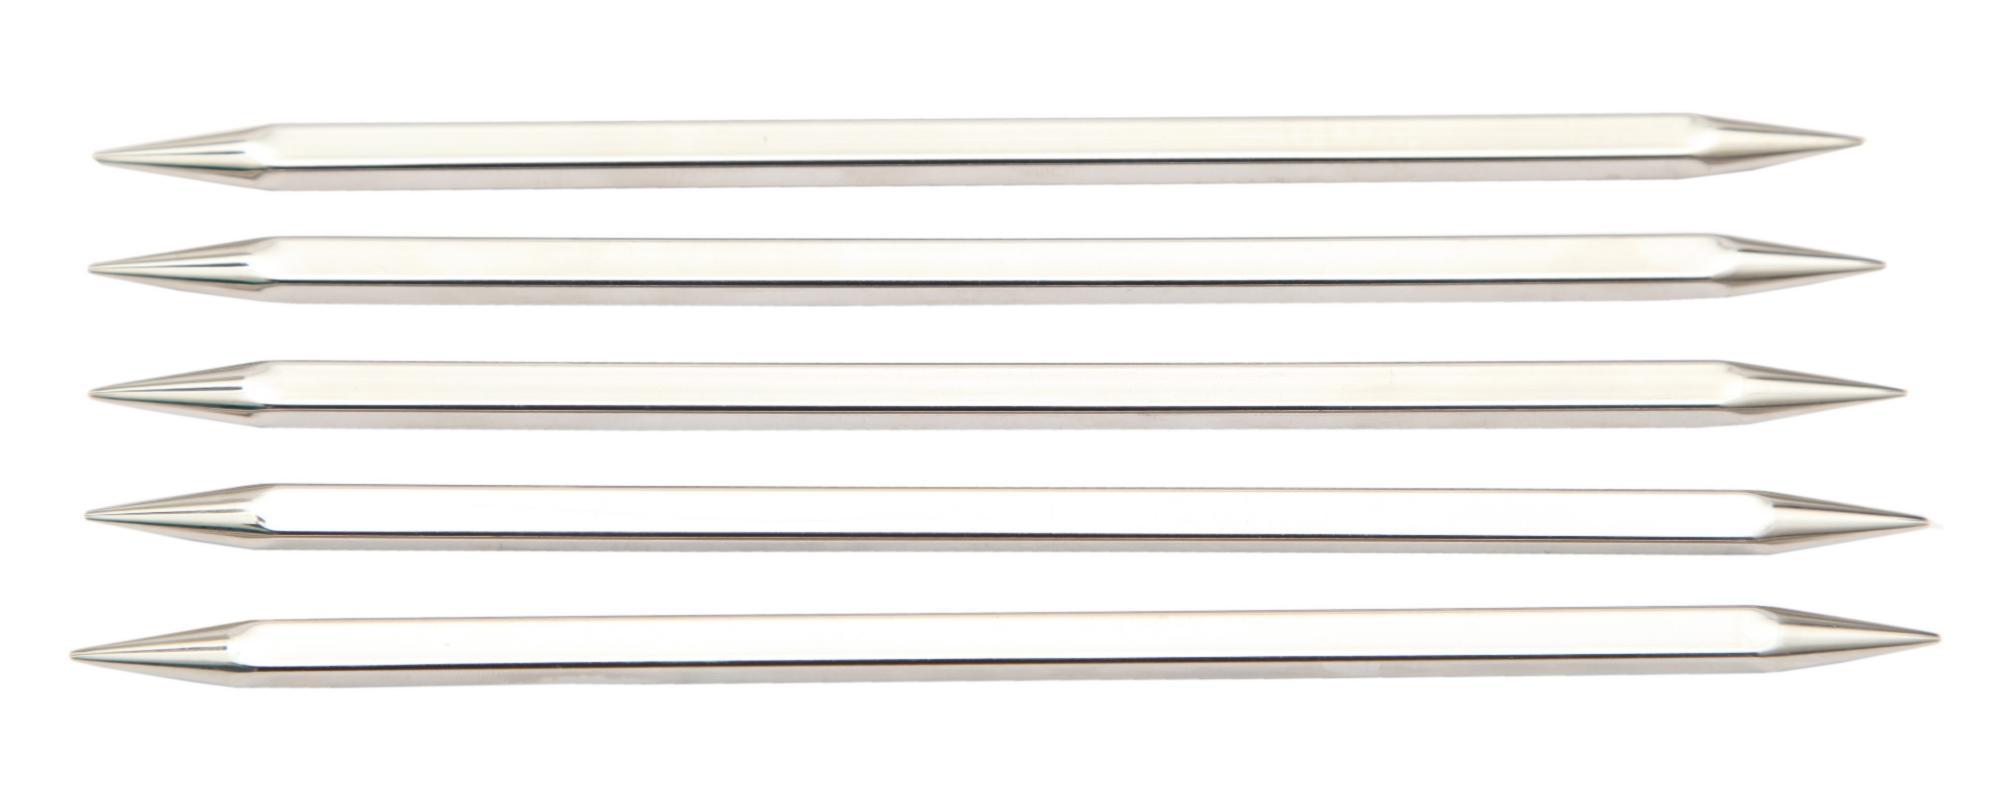 Спицы носочные 15 см Nova Cubics KnitPro, 12104, 2.75 мм